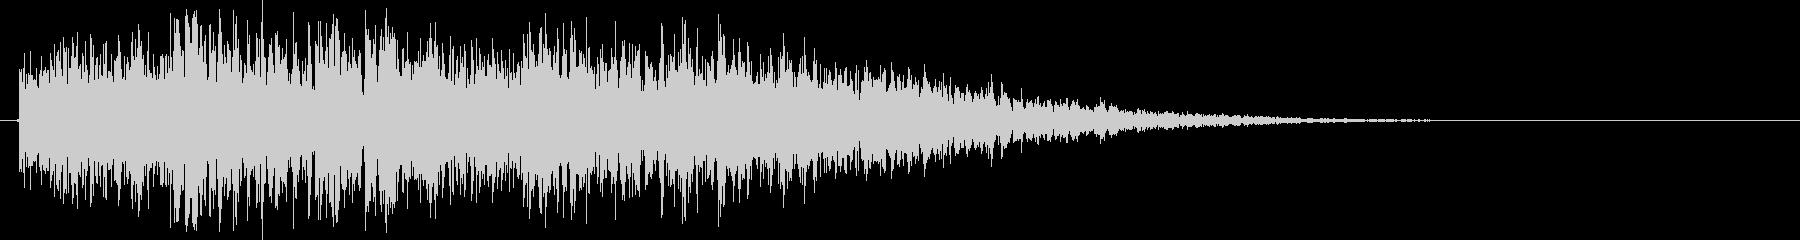 ロボが合体や変形する音(ガキンガキン)の未再生の波形